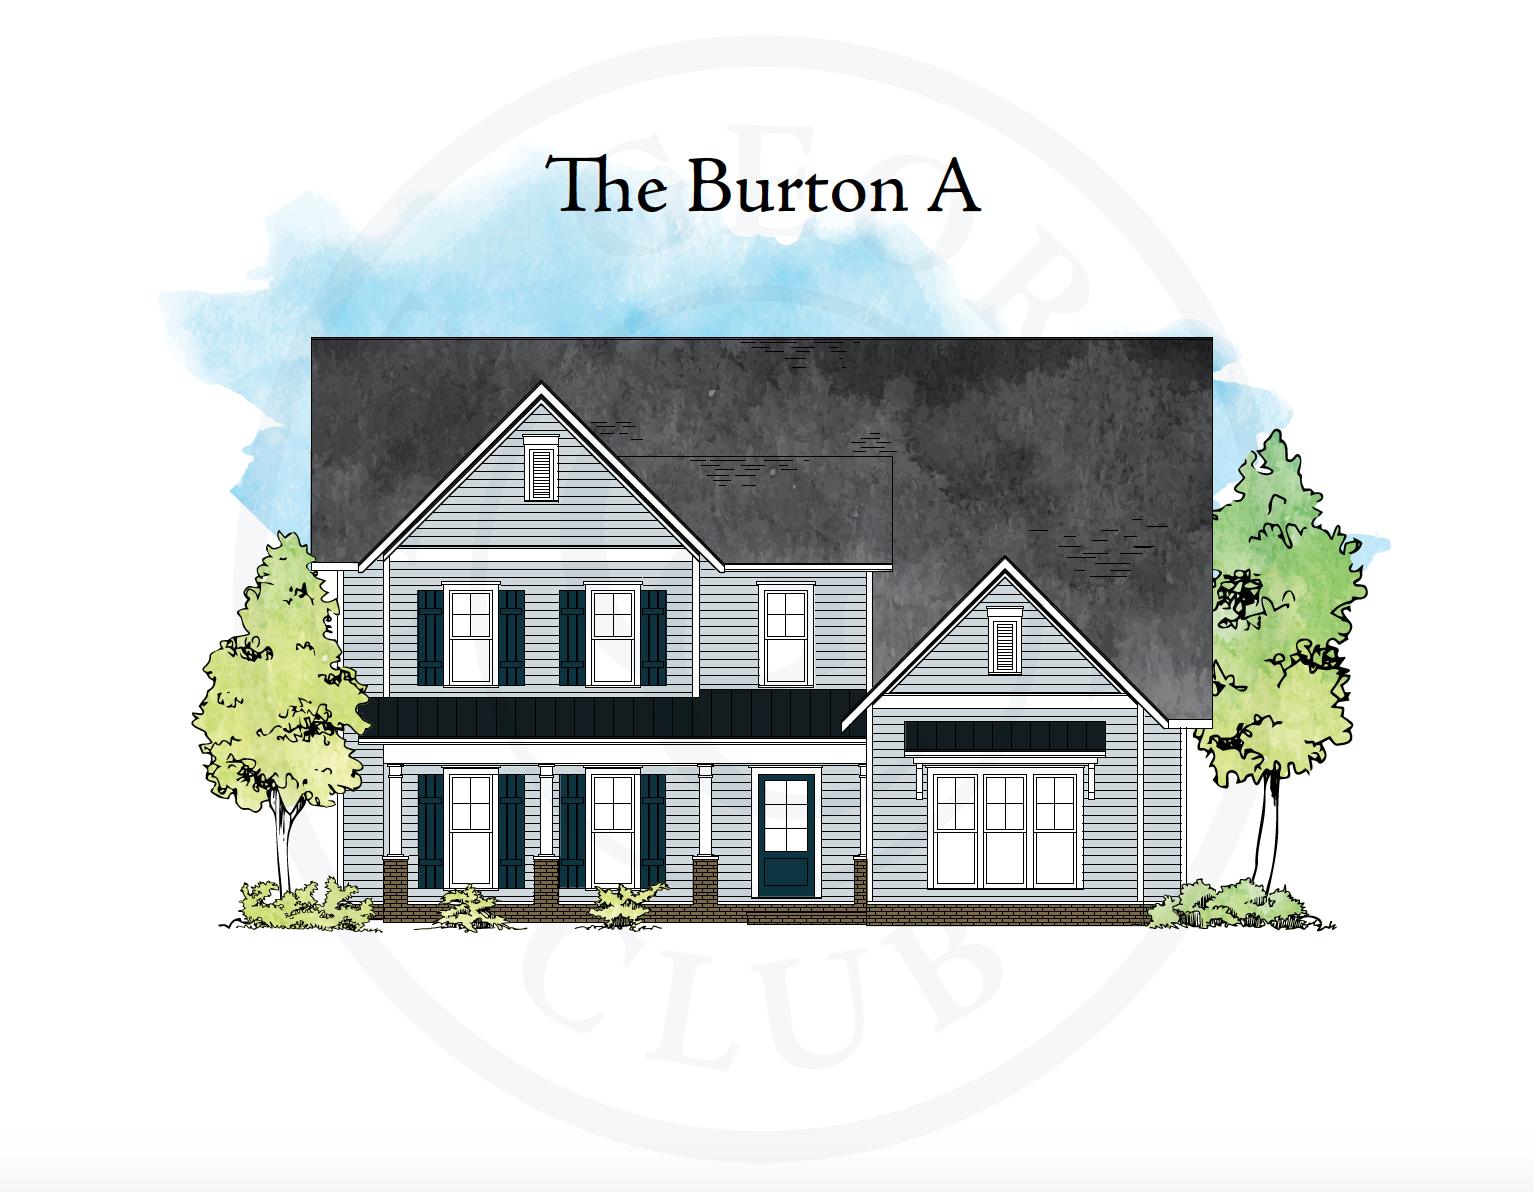 Burton A